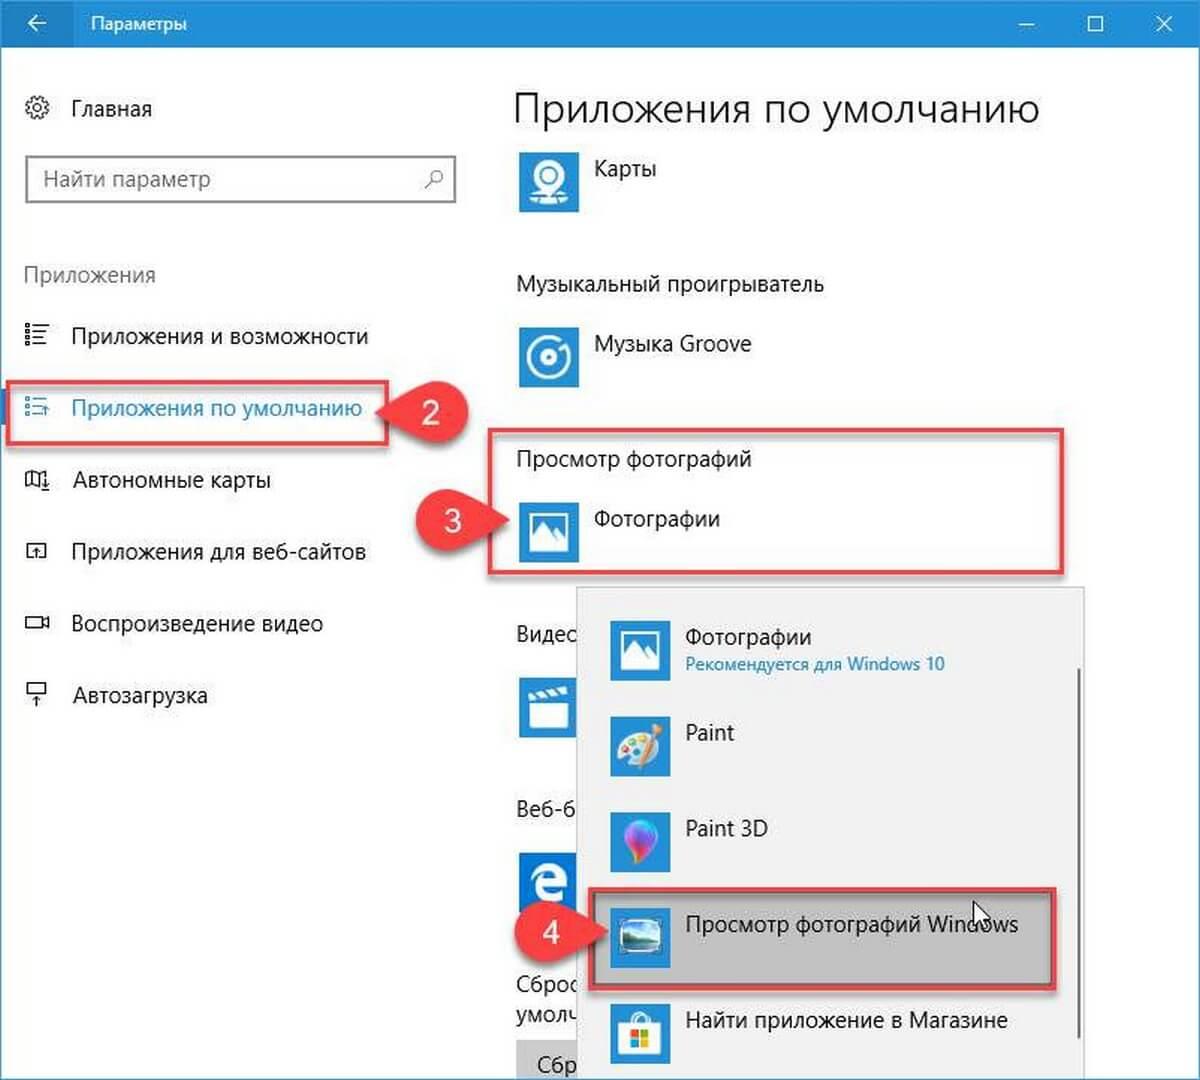 Как вернуть классический просмотрщик фотографий в Windows 10